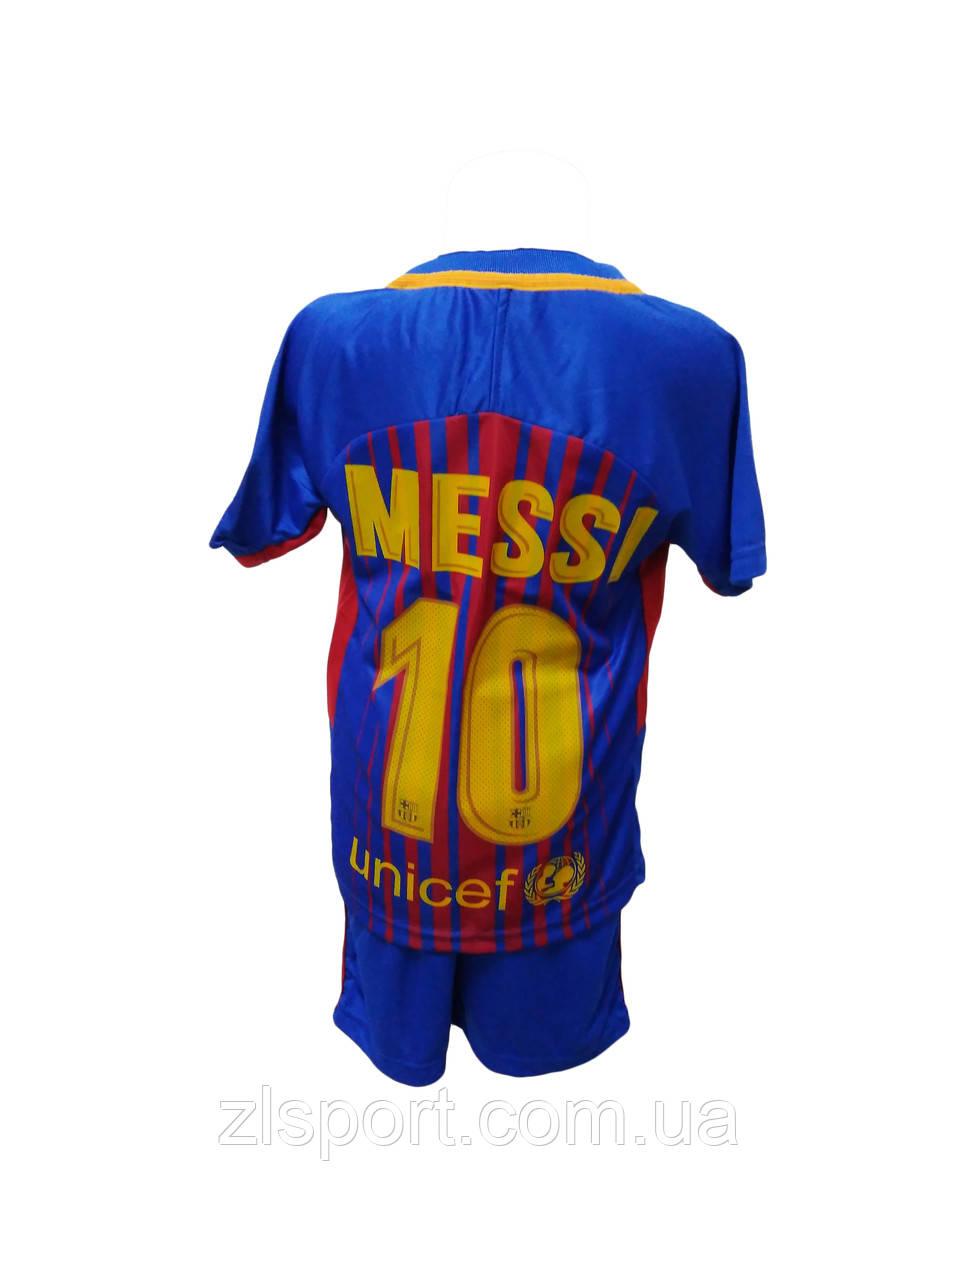 Детская (подростковая) футбольная форма Месси (Barcelona) 2017-2018 ... a0d286a18ca